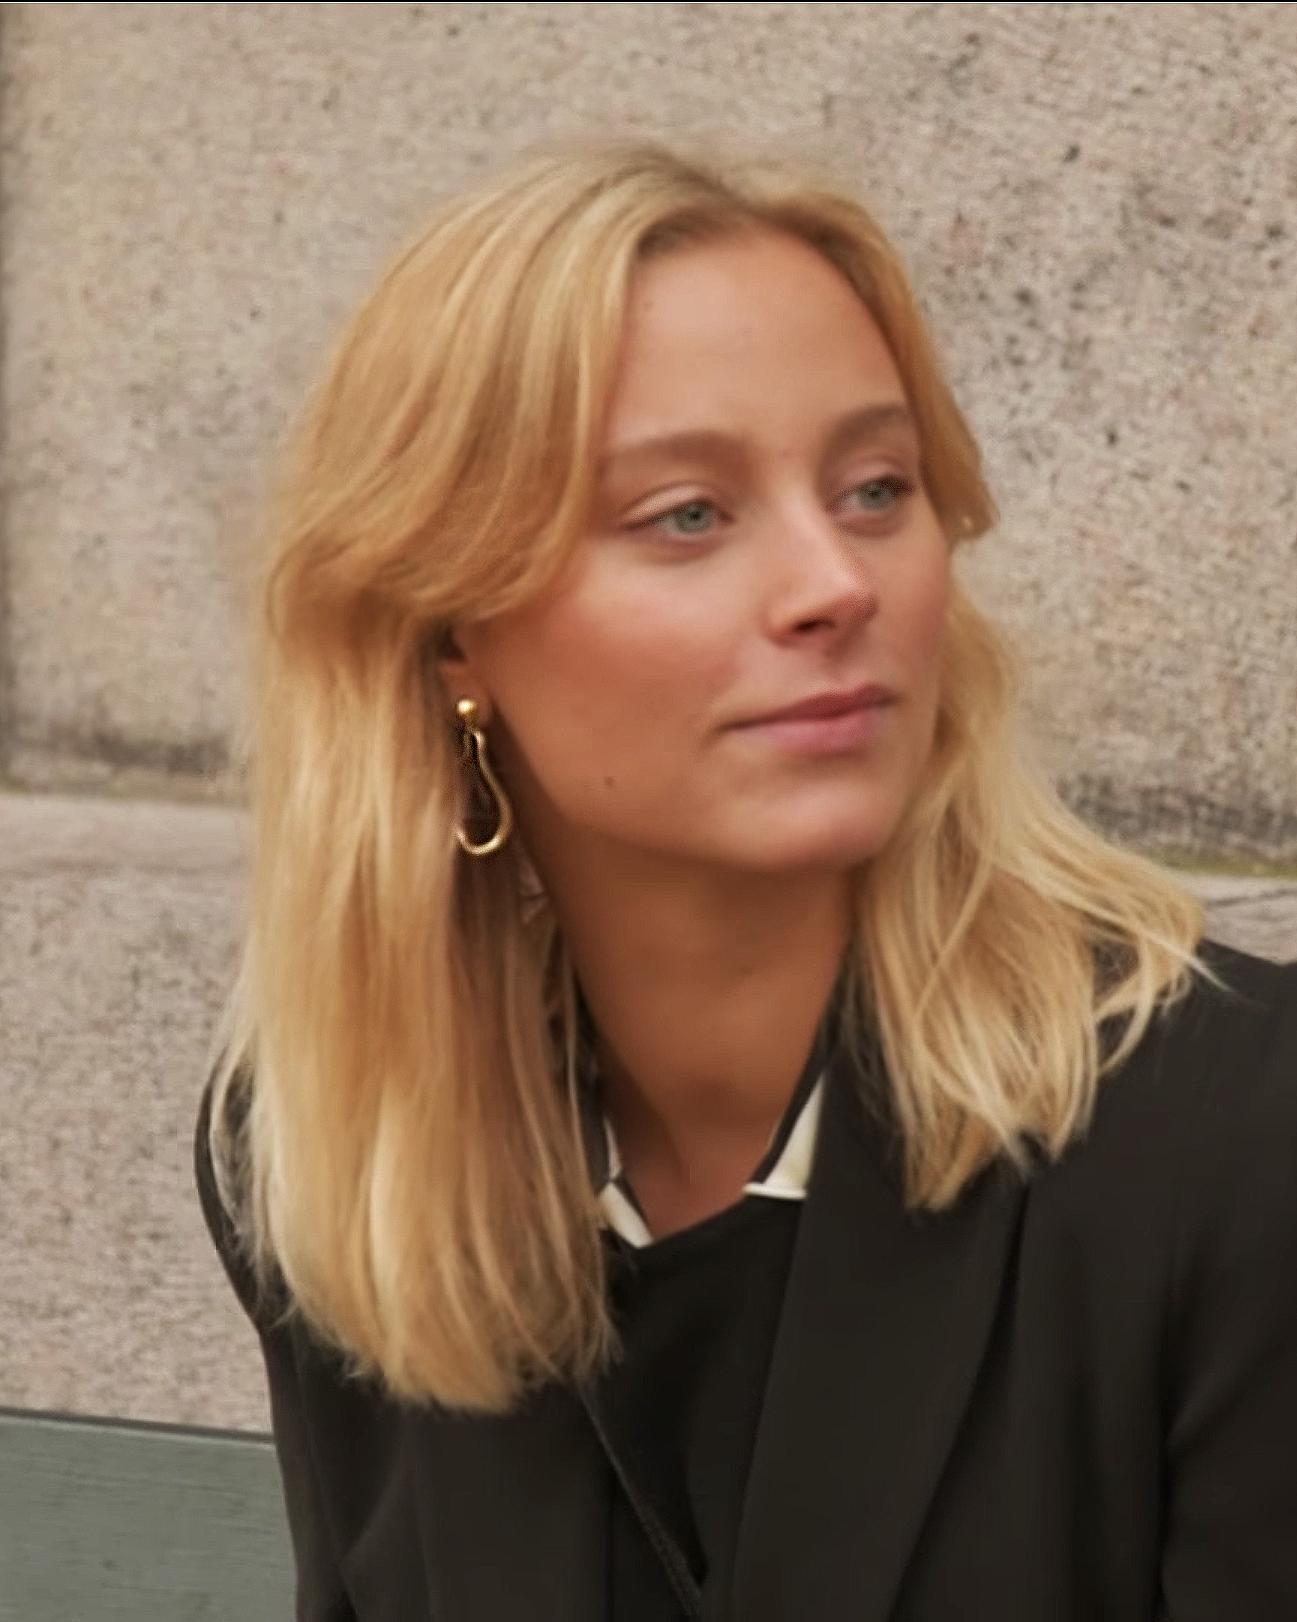 IDA MARIE NIELSEN / 'MARGRETHE' ON VIKINGS